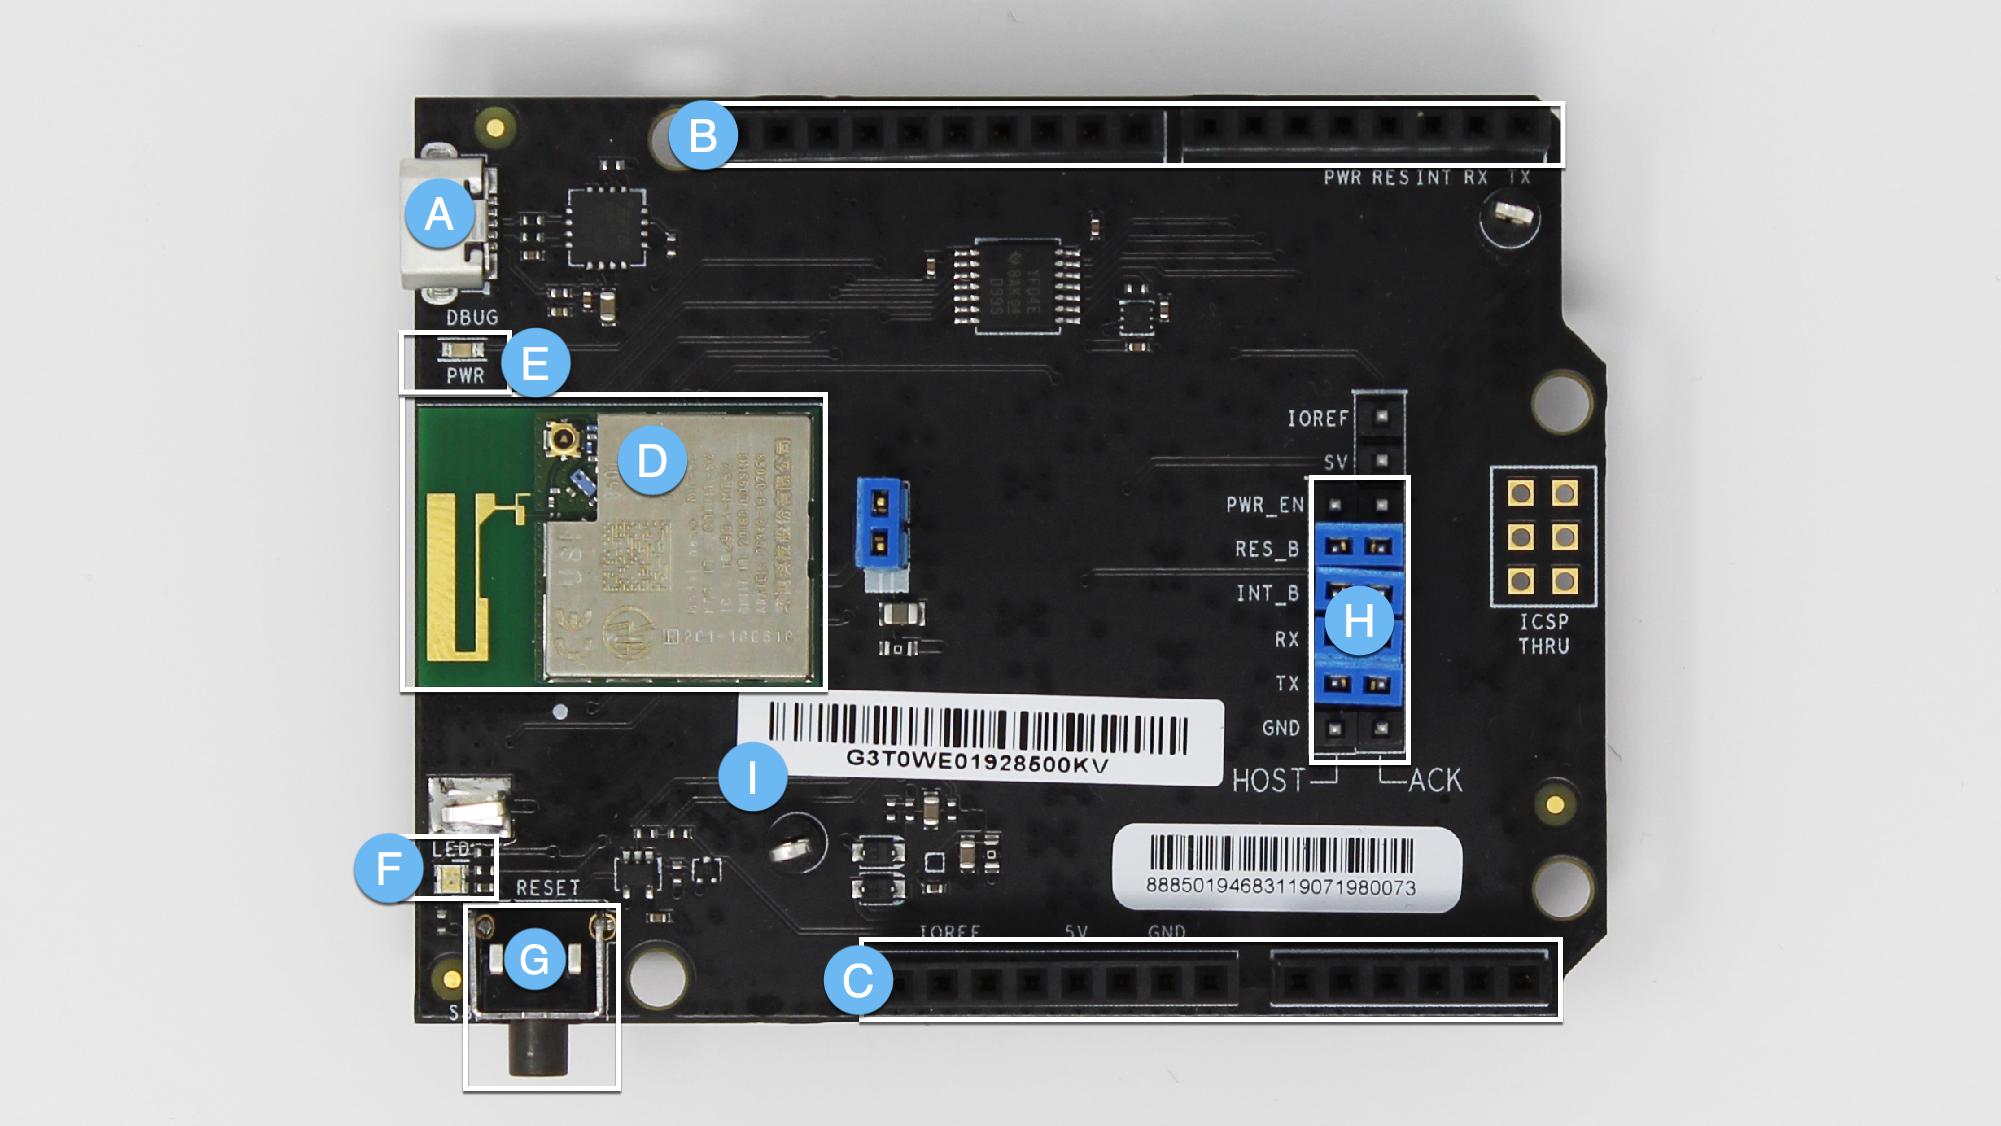 USI development board components